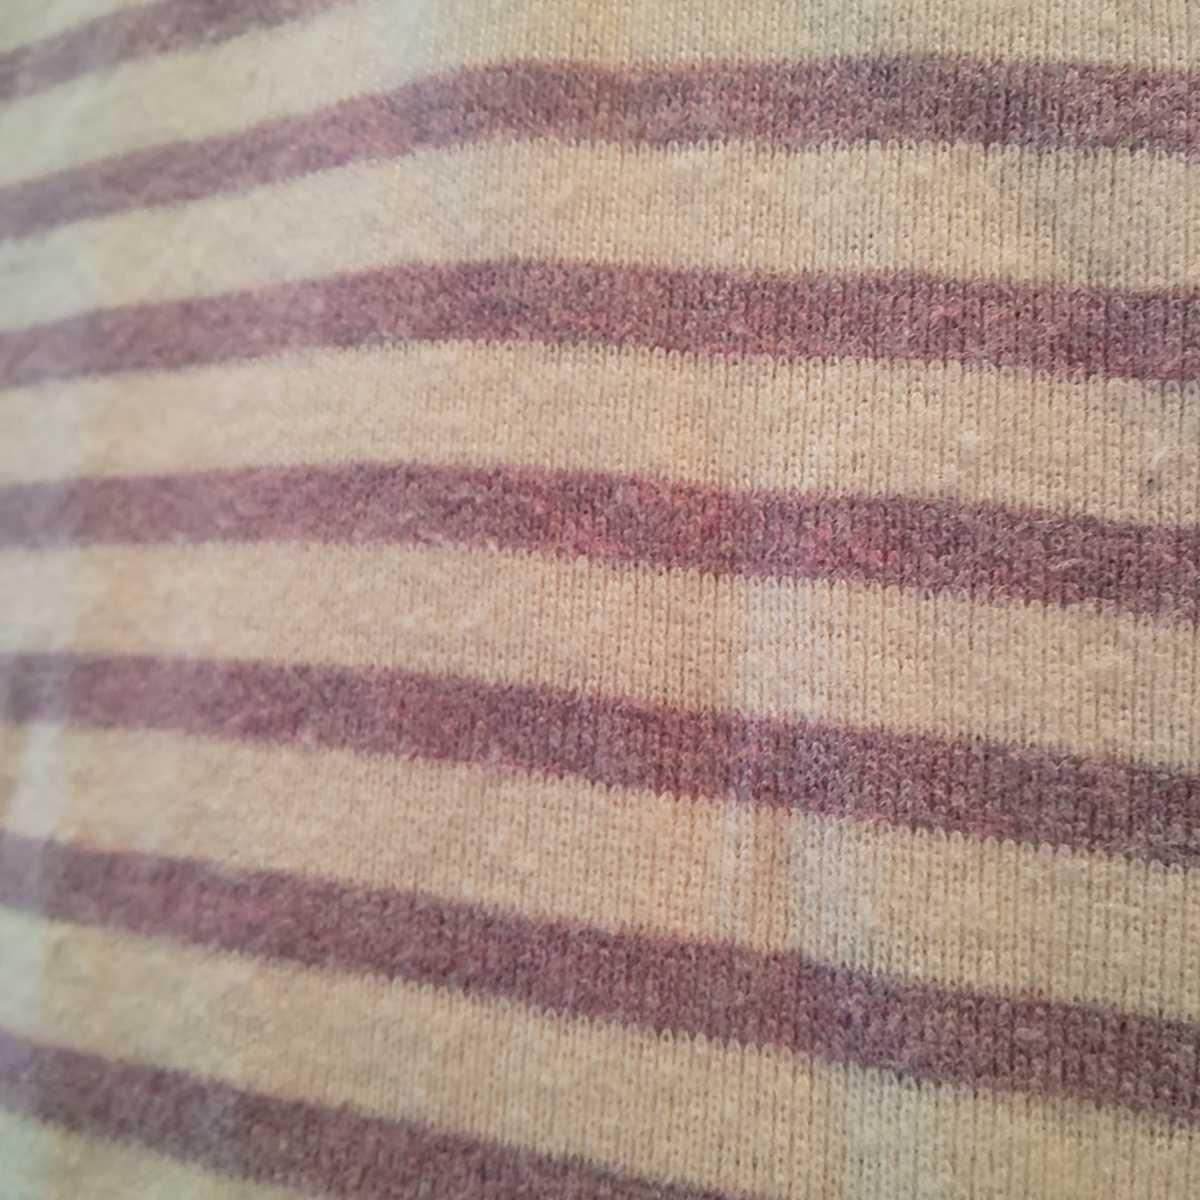 1円スタート! 110cm 長袖Tシャツ 西松屋チェーン キッズ服 女の子 保育園 幼稚園 私服 ボーダー ロンT 紫 akichan7777jp _画像4